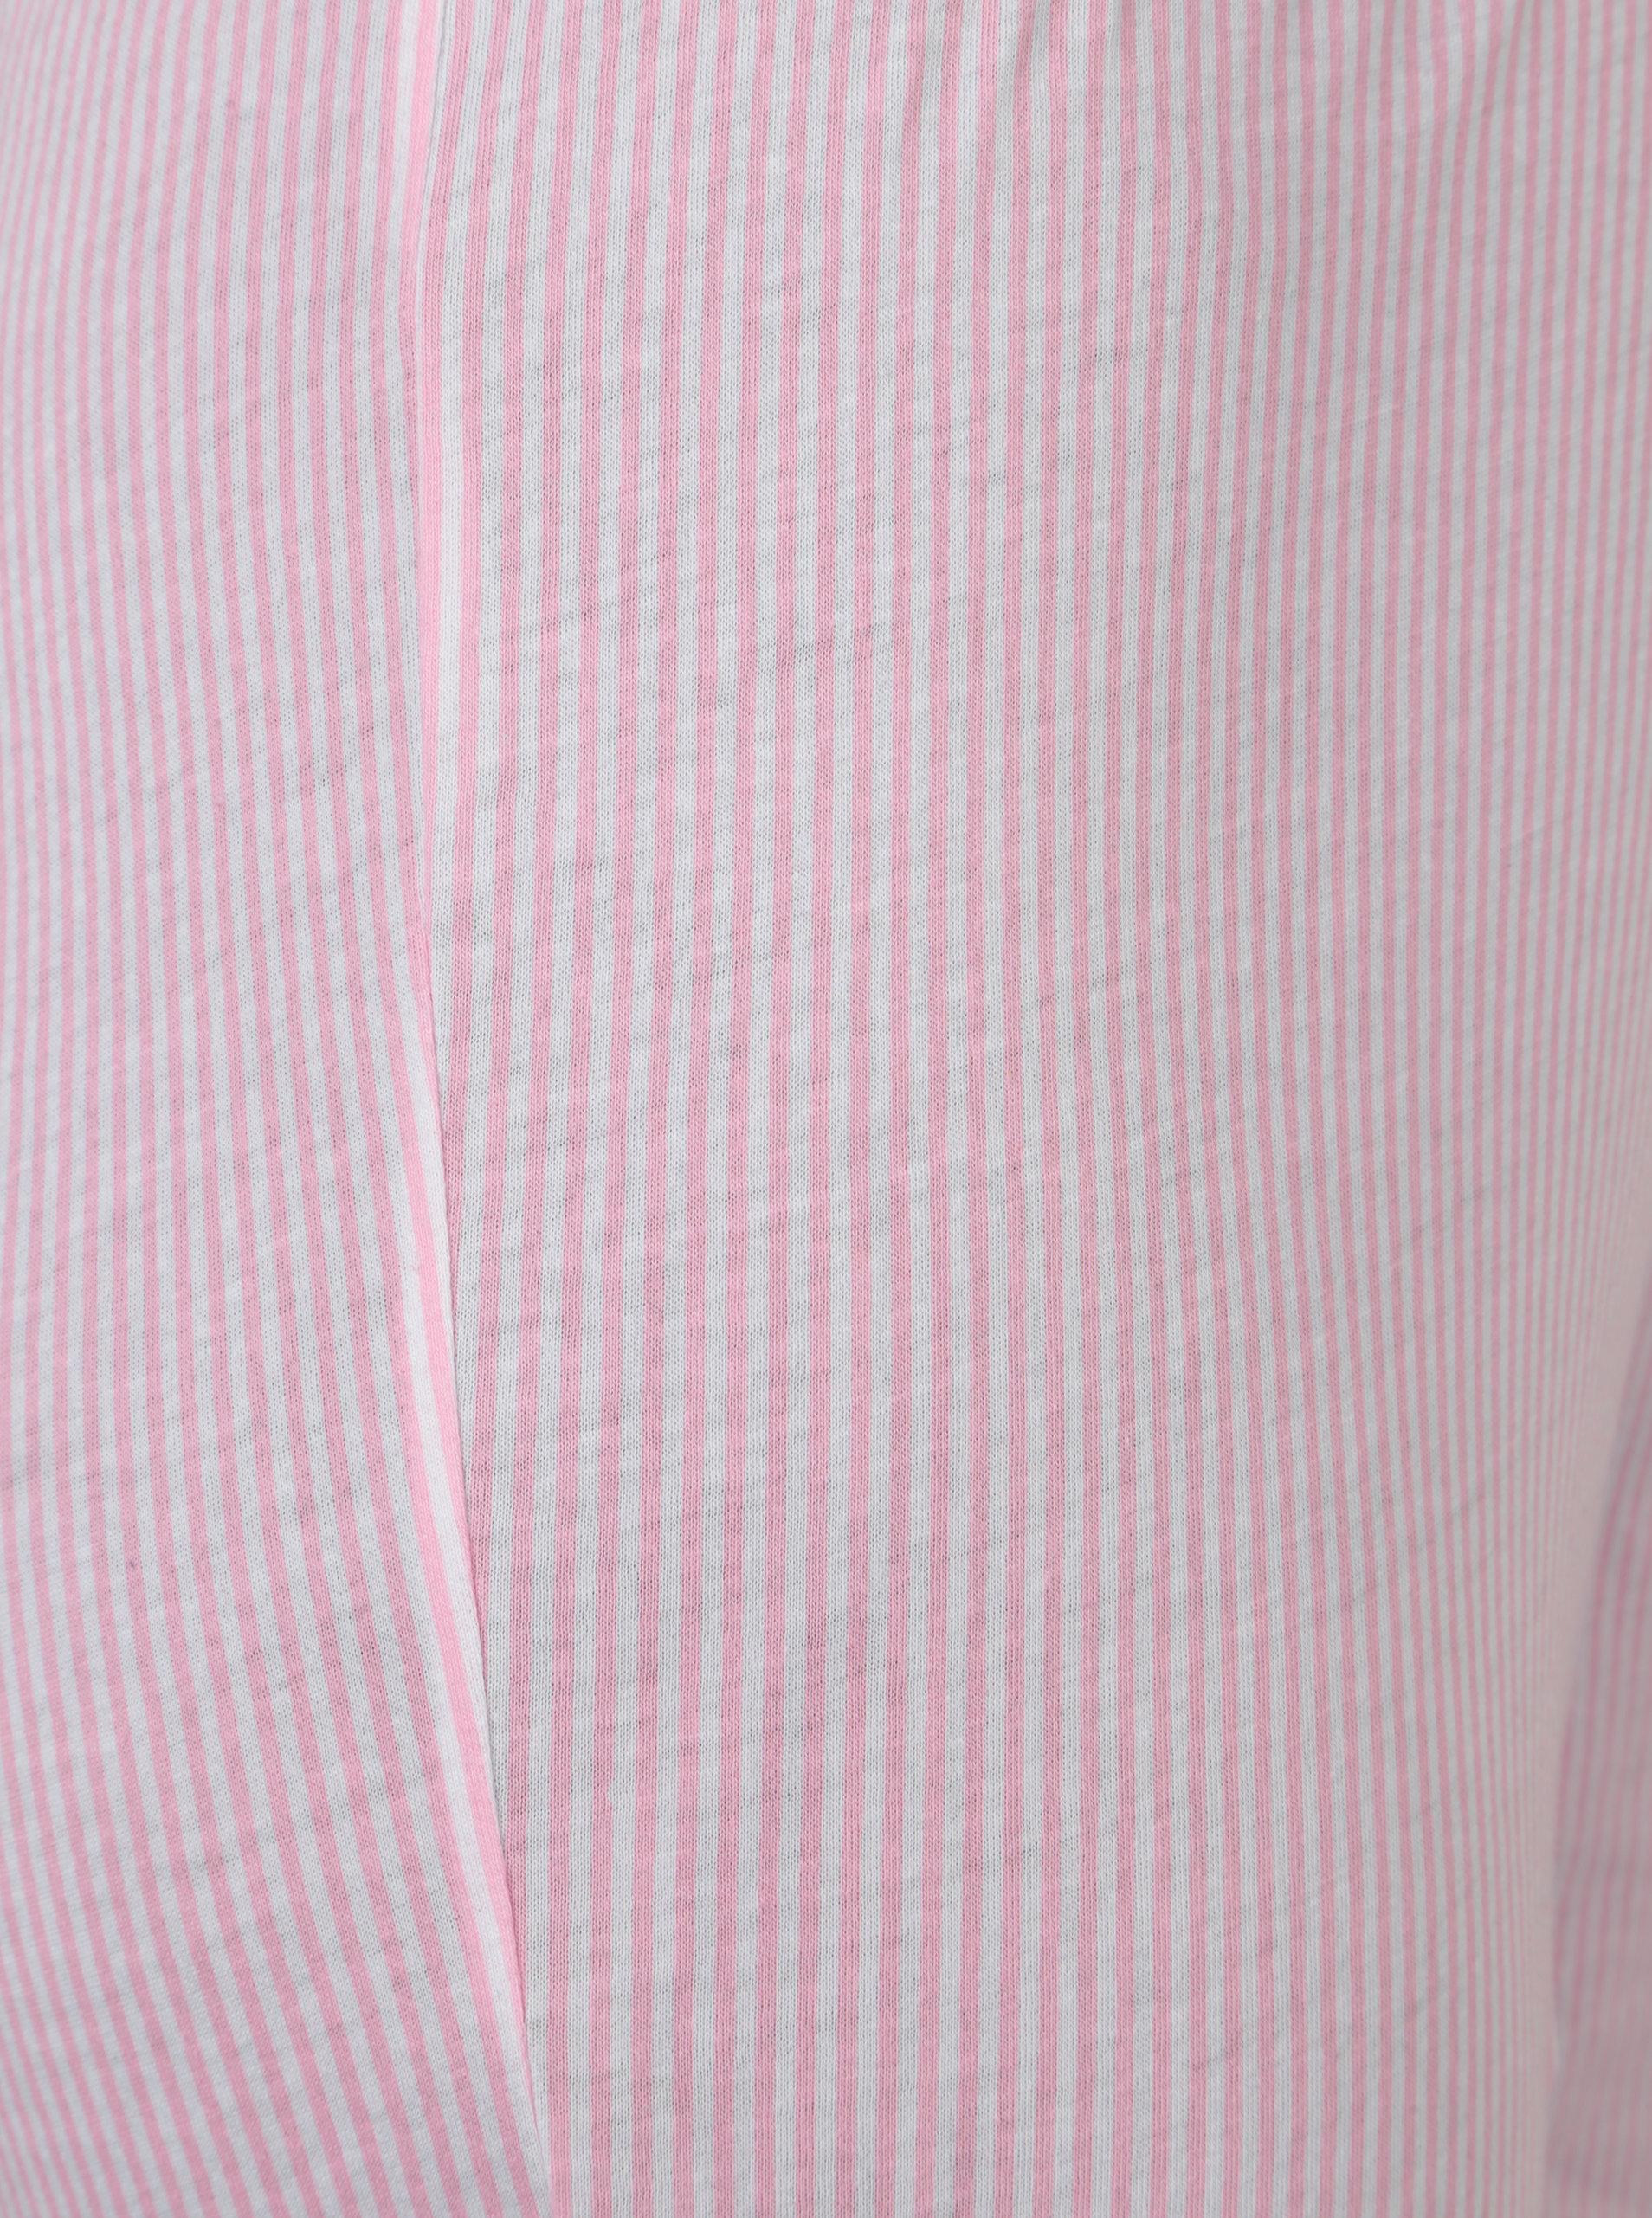 Růžové dámské pruhované pyžamové kalhoty Lauren Ralph Lauren ... 8c07cdf8d2